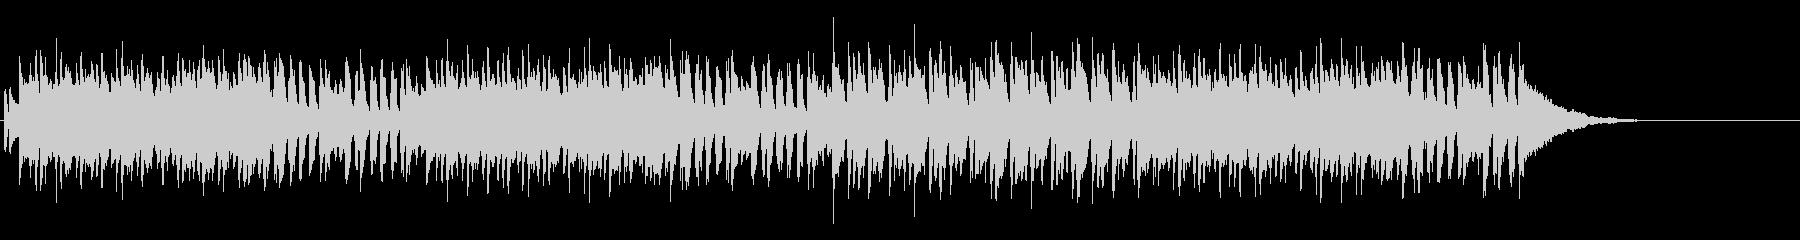 ムーディーな大人のボサノバ・サウンドの未再生の波形